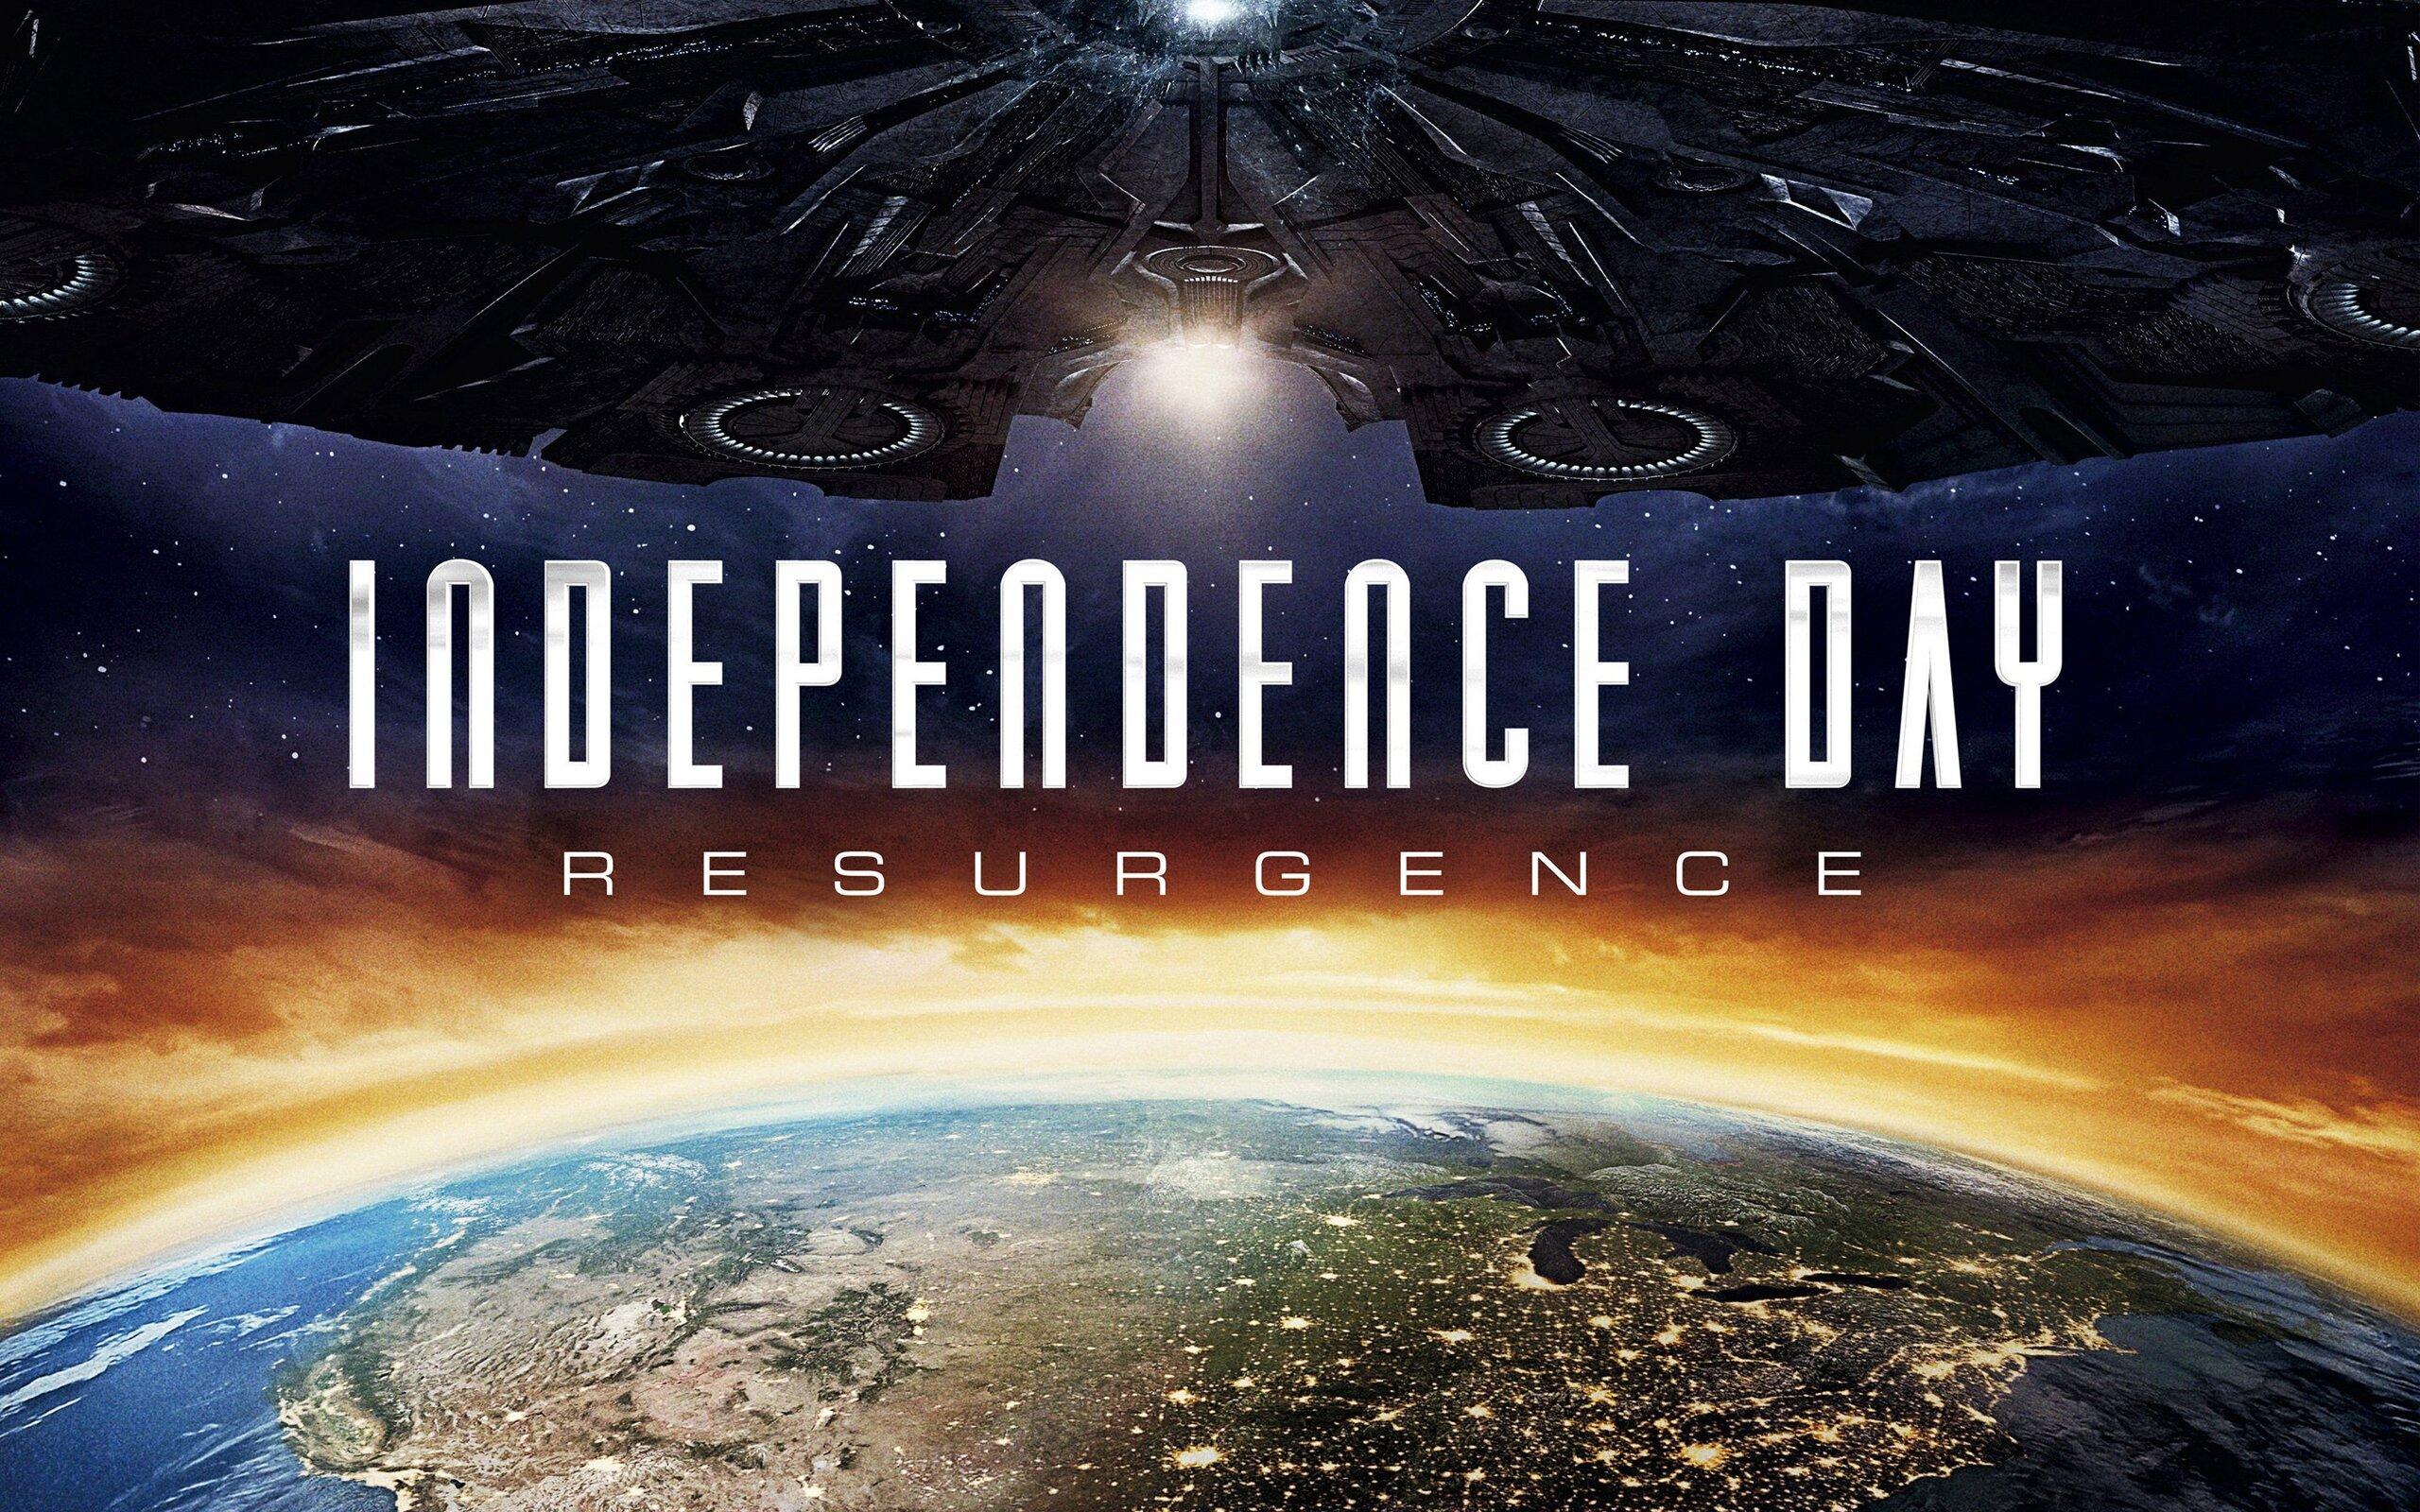 День независимости 2: Возрождение смотреть онлайн в HD, 2016